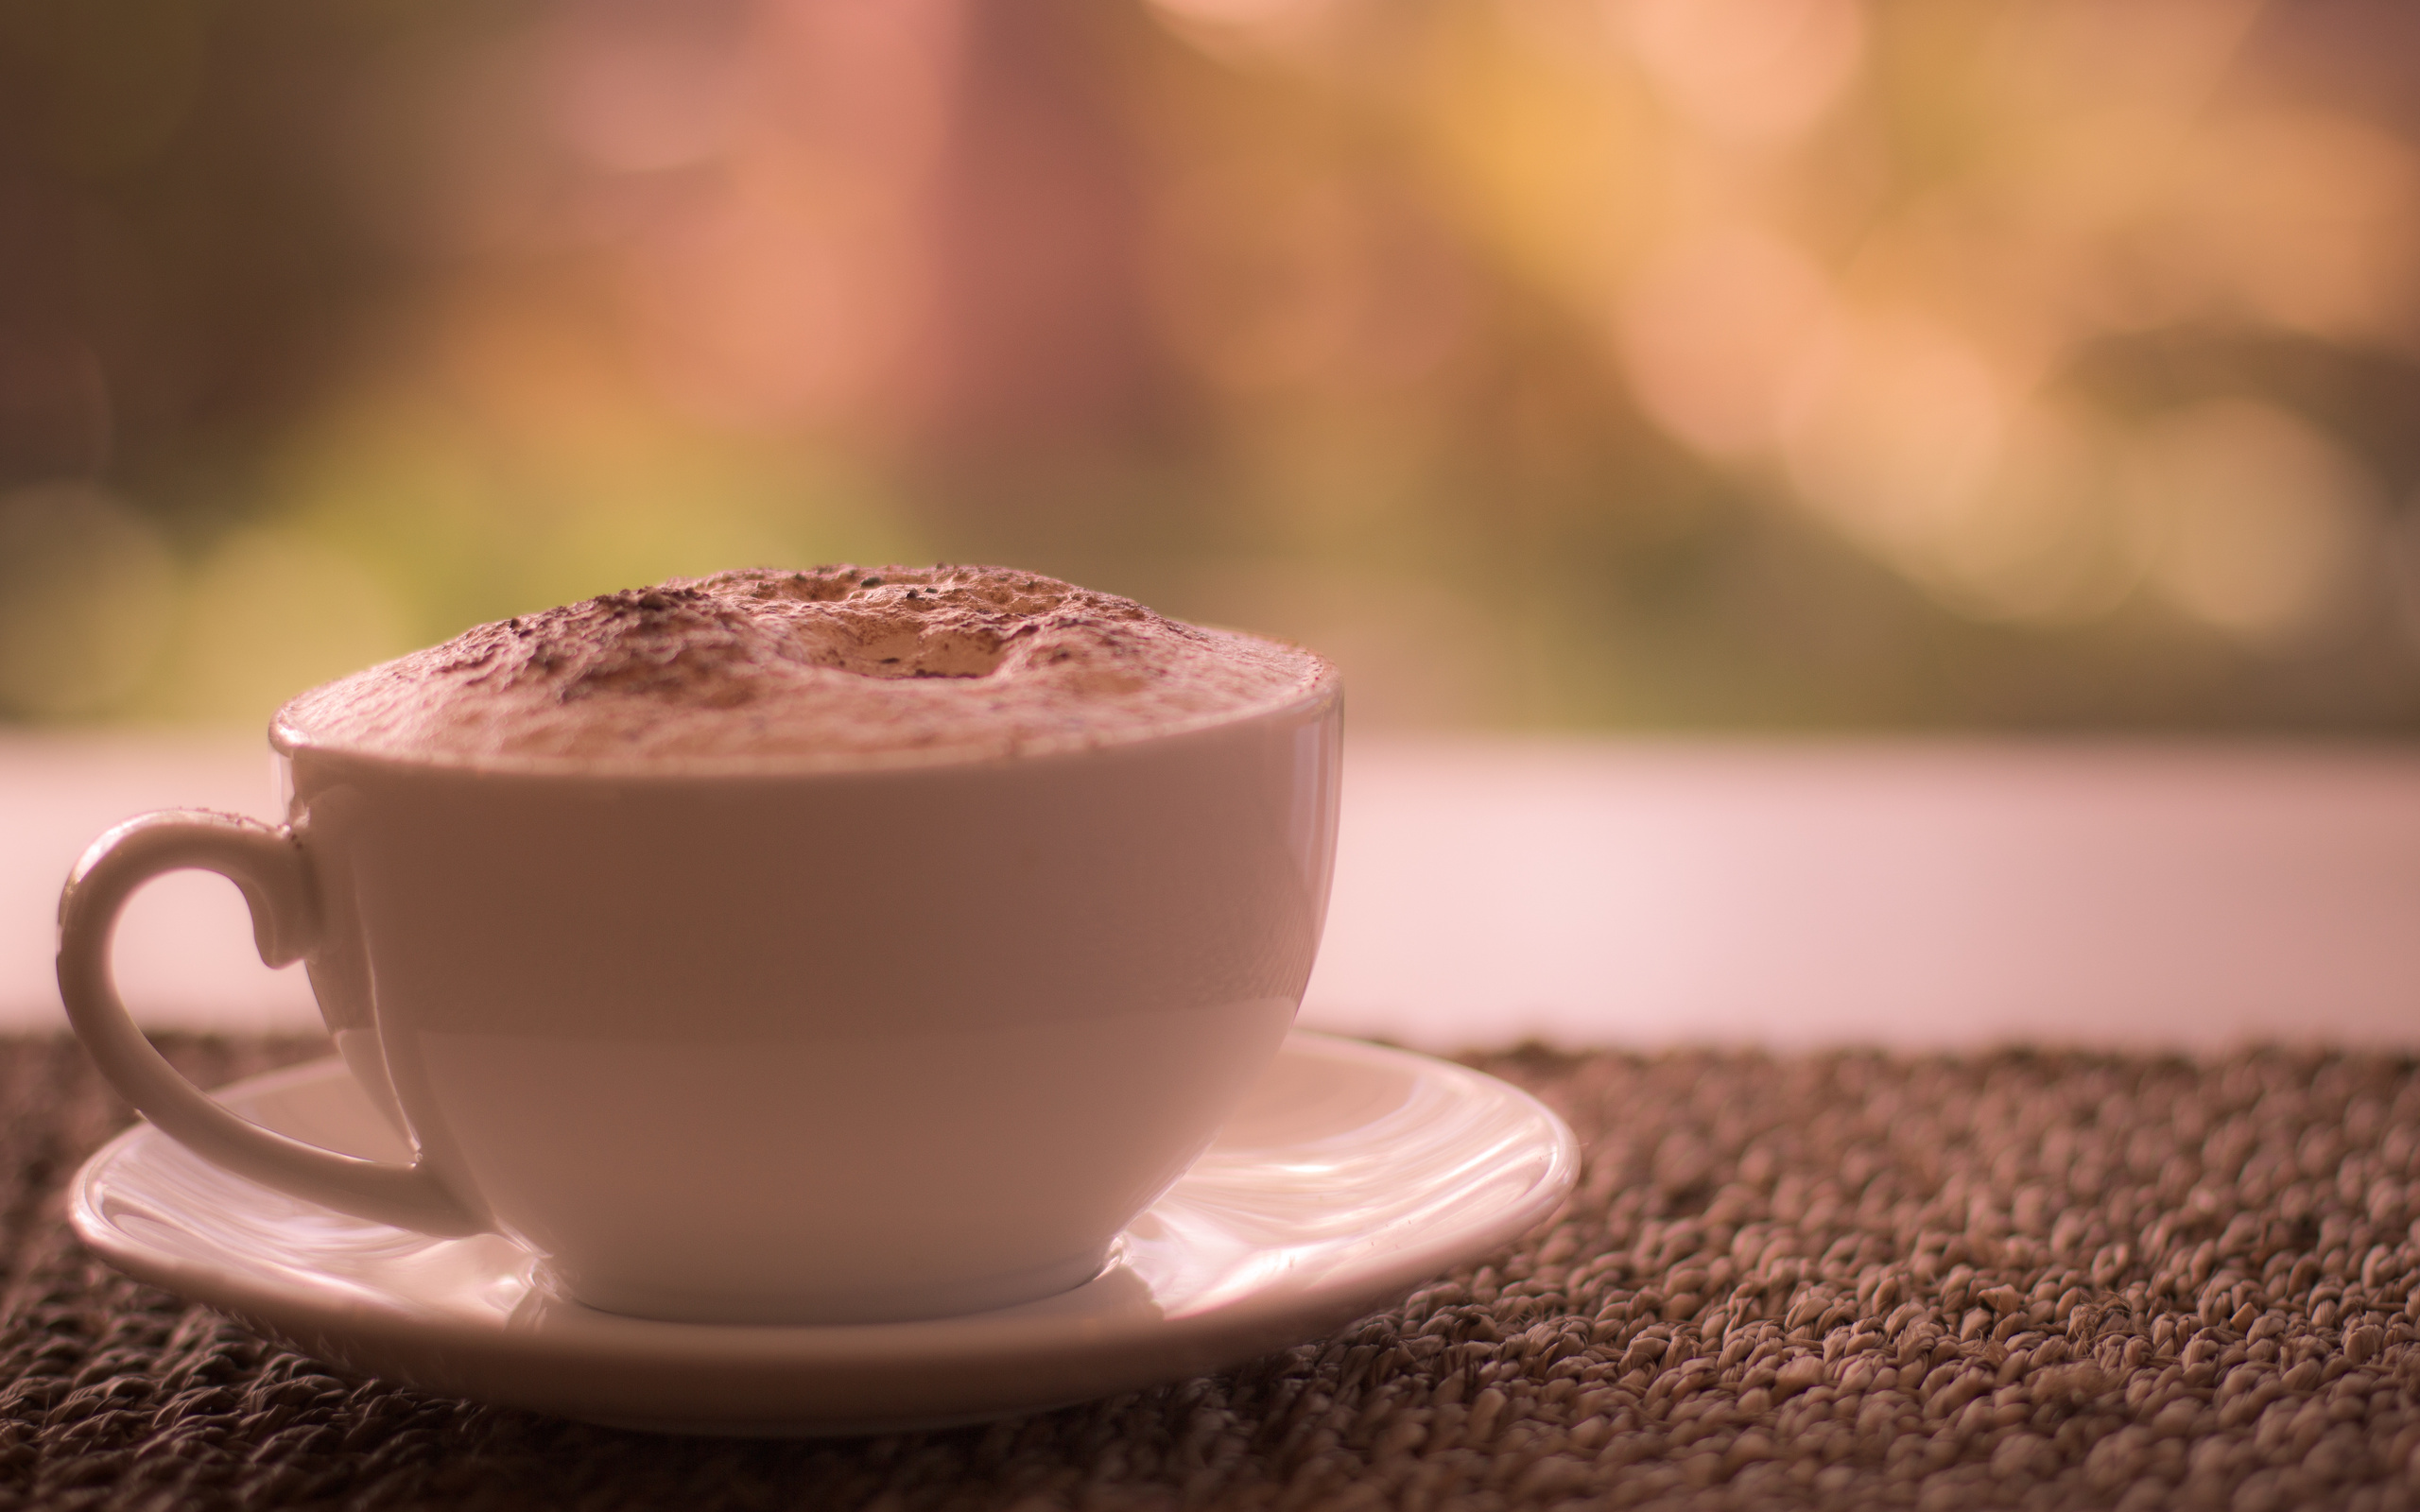 красотка,окно,сидит,кофе  № 418261 загрузить